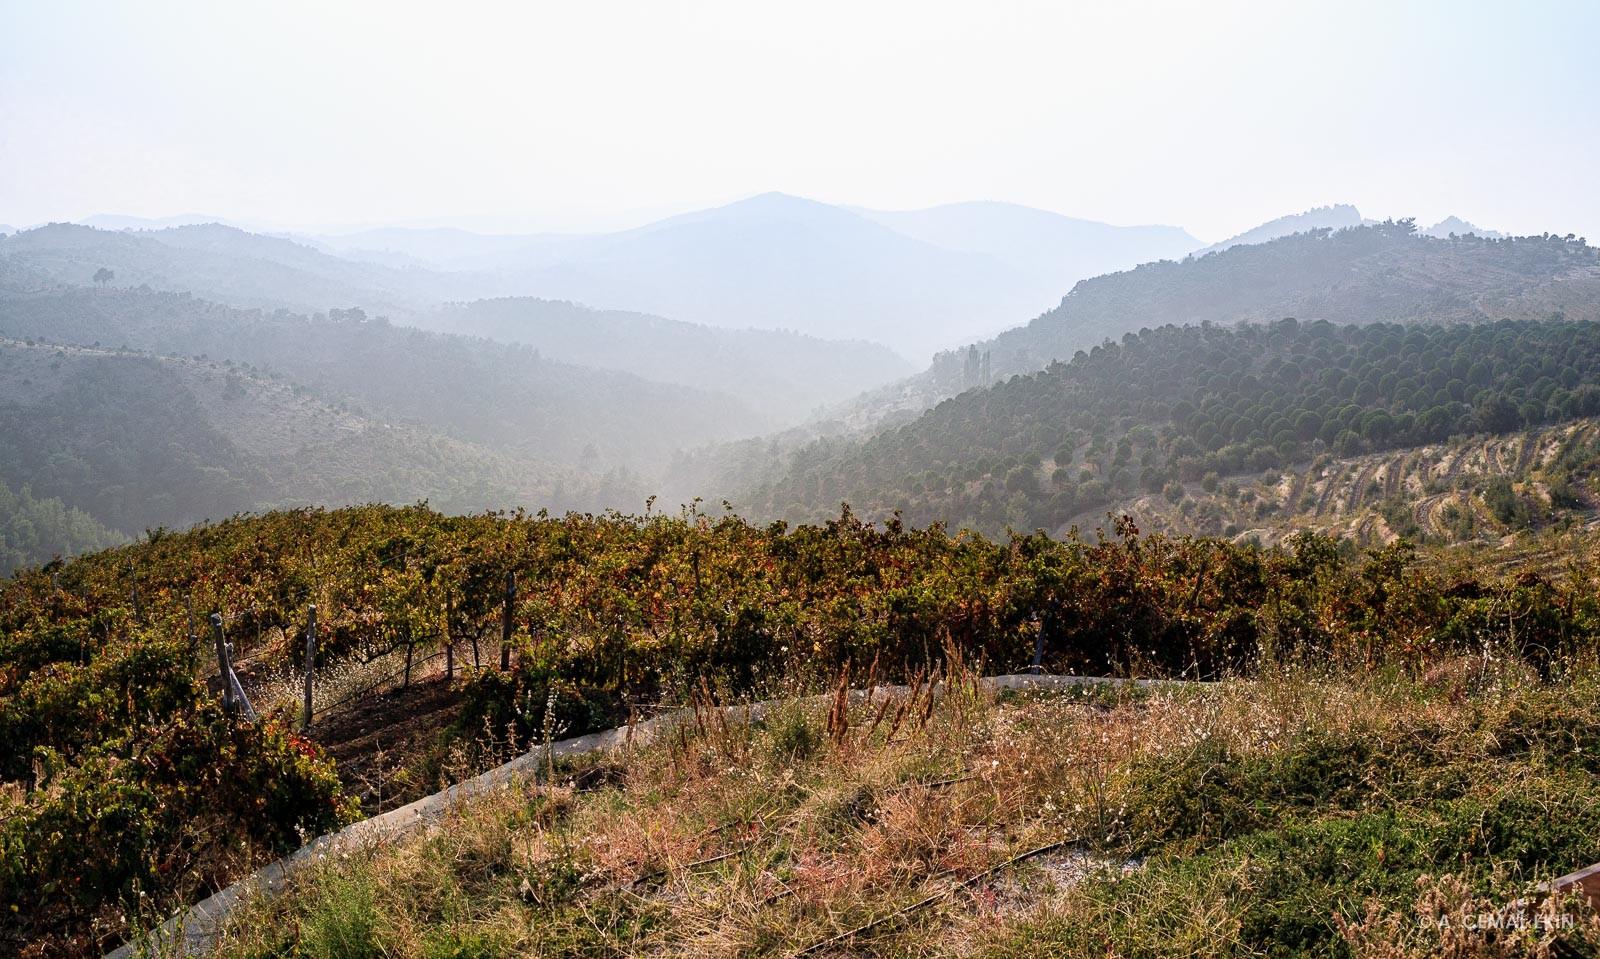 Rolling hills under fog, vineyard in foreground